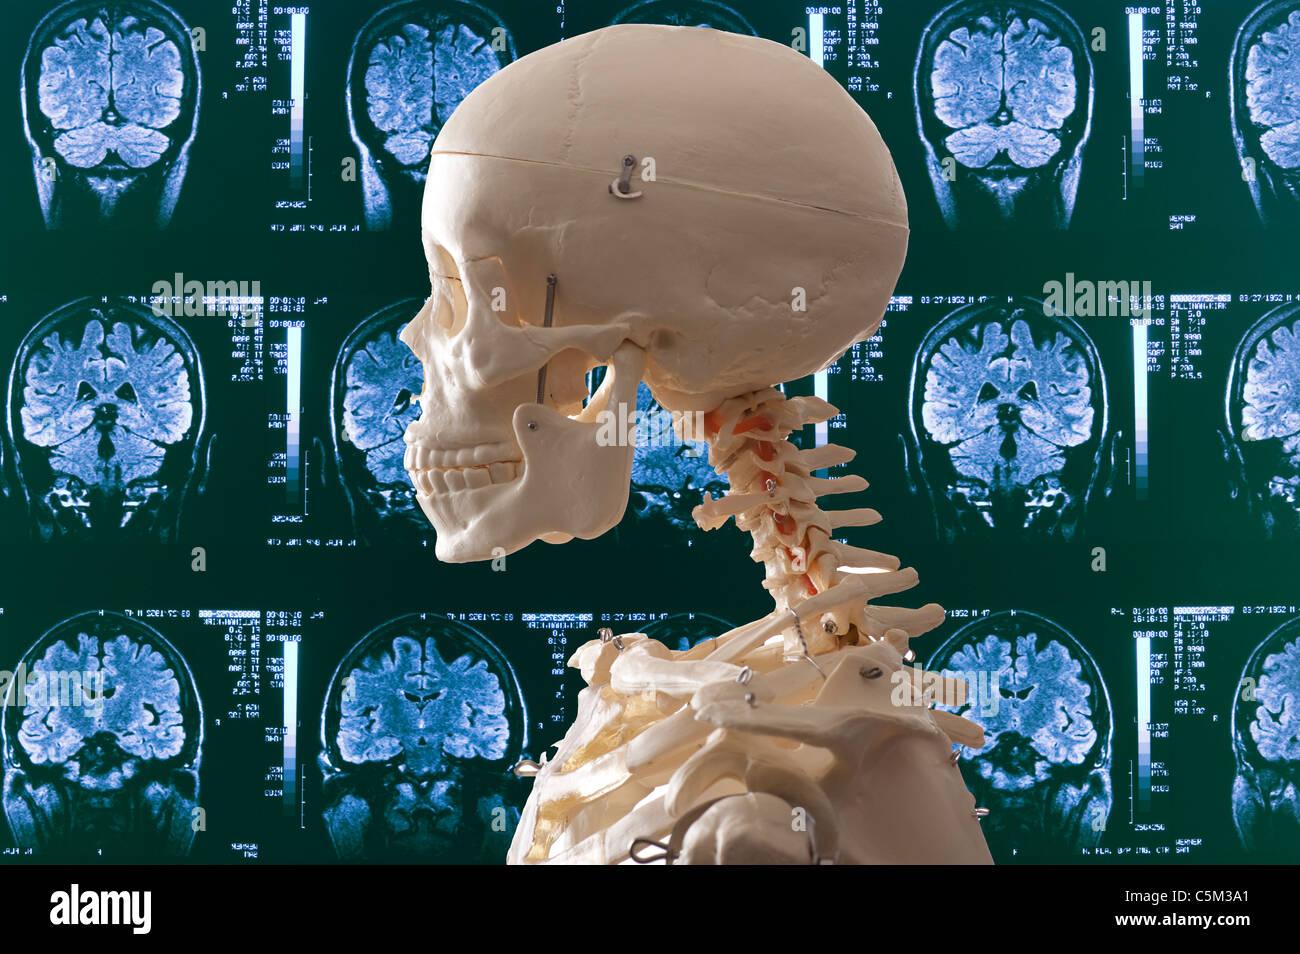 menschliches Skelett und medizinischen MRT-Hintergrund Stockfoto